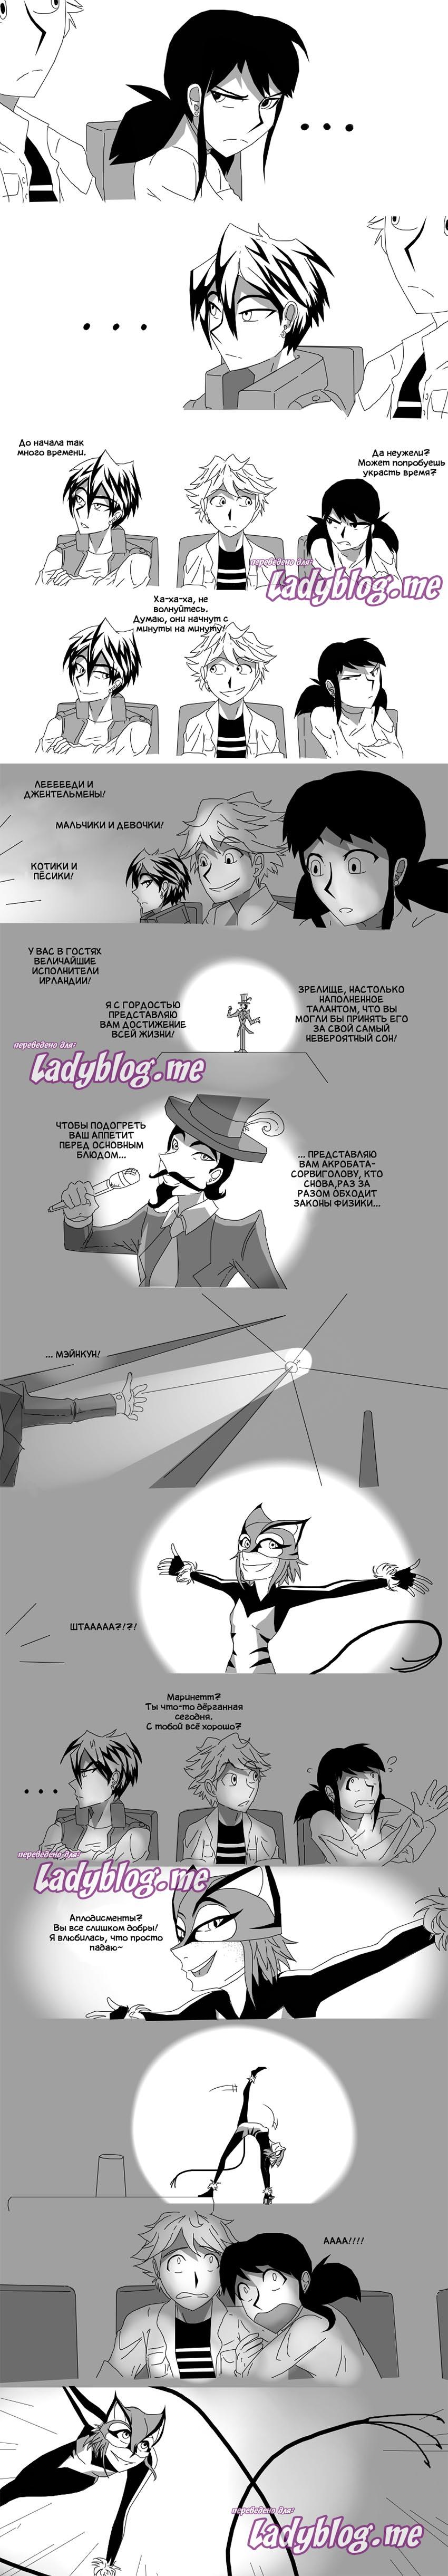 Комикс Леди Баг Азарт Охоты 4-1